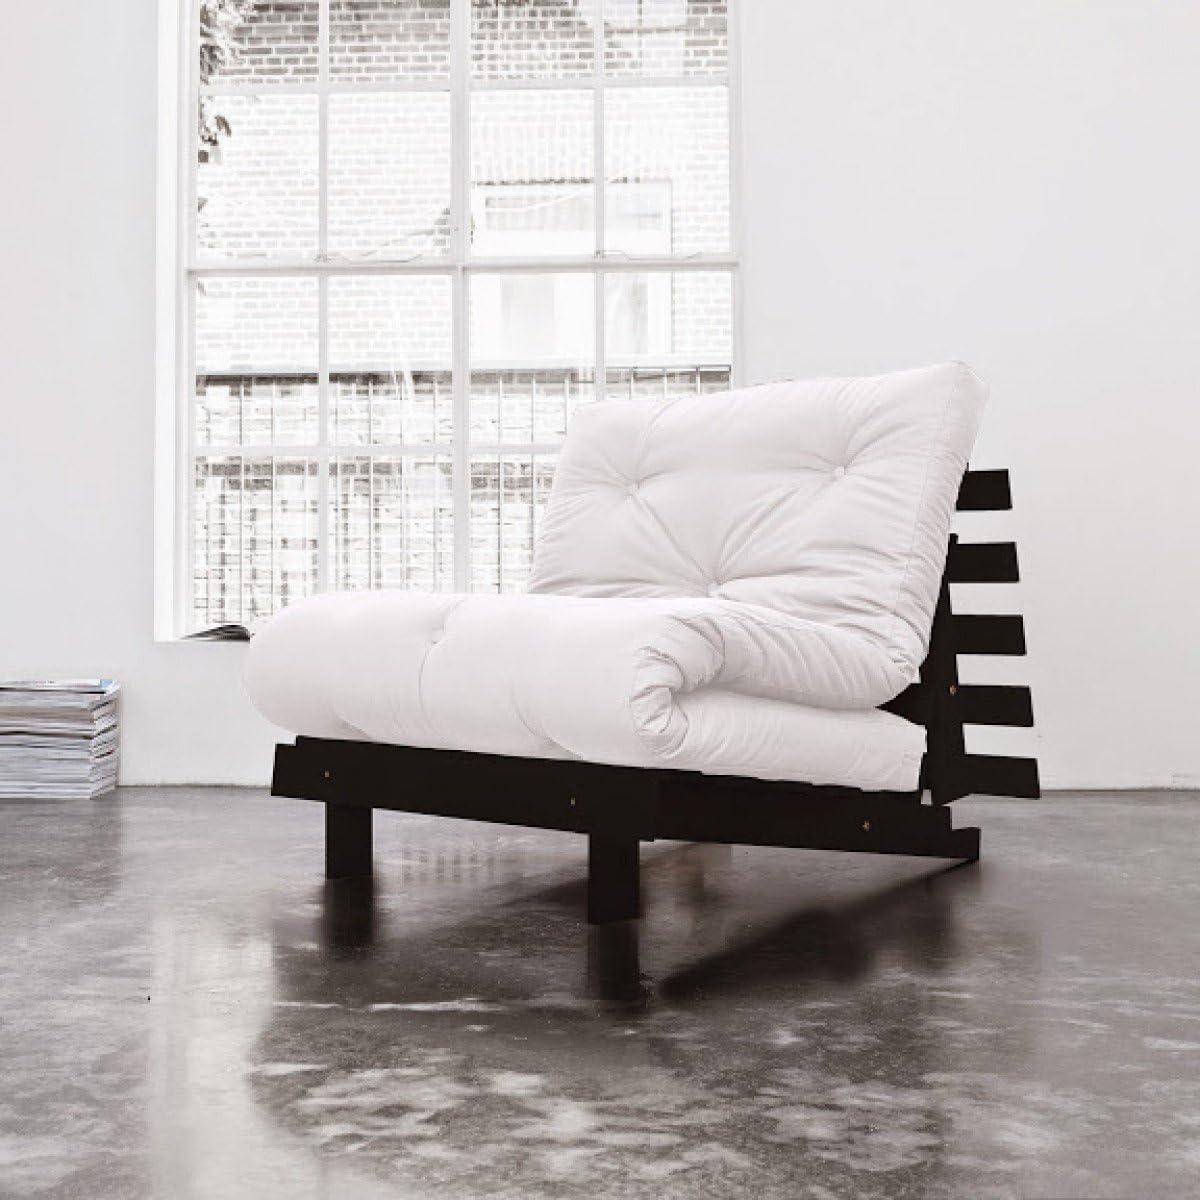 Pack Colchón futón Ecru algodón estructura de madera color wengué, algodón, 140 x 200: Amazon.es: Hogar